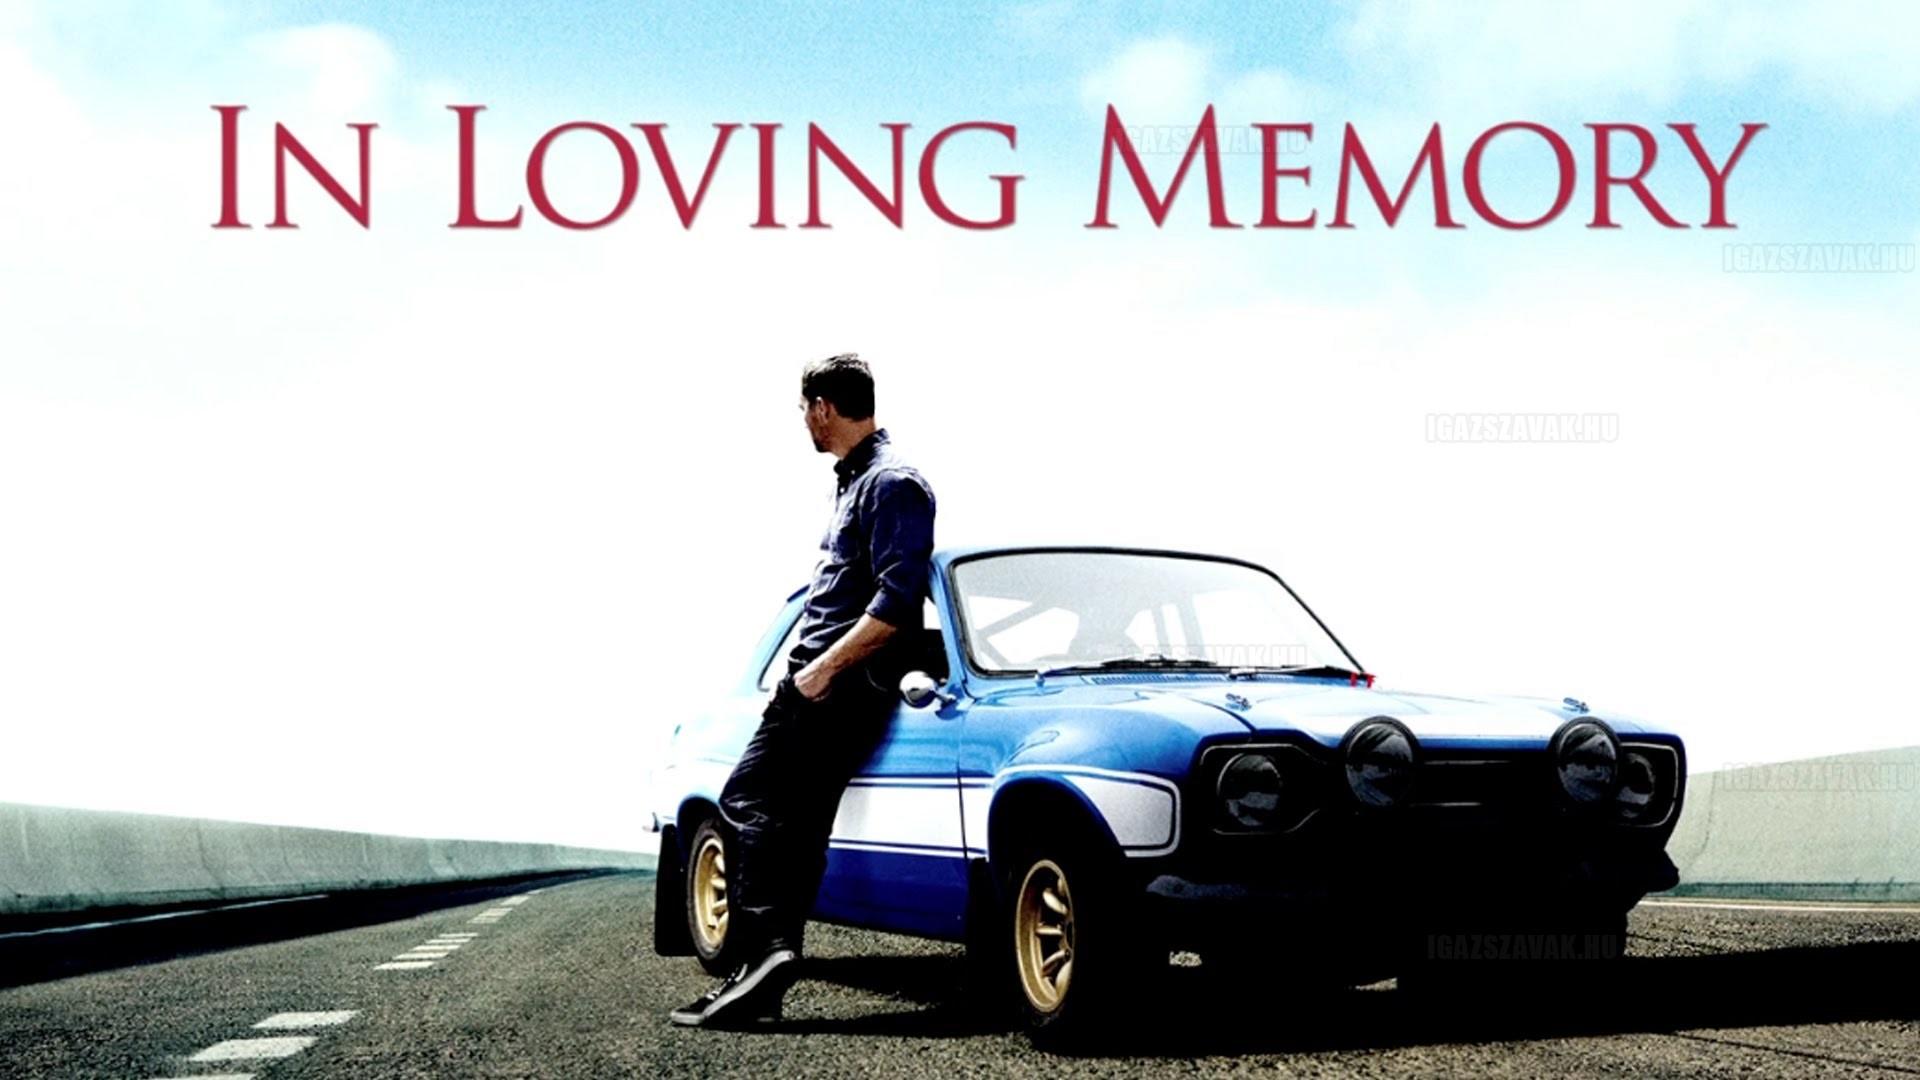 Egy szép Paul Walker emlékvideó – Fast & Furious